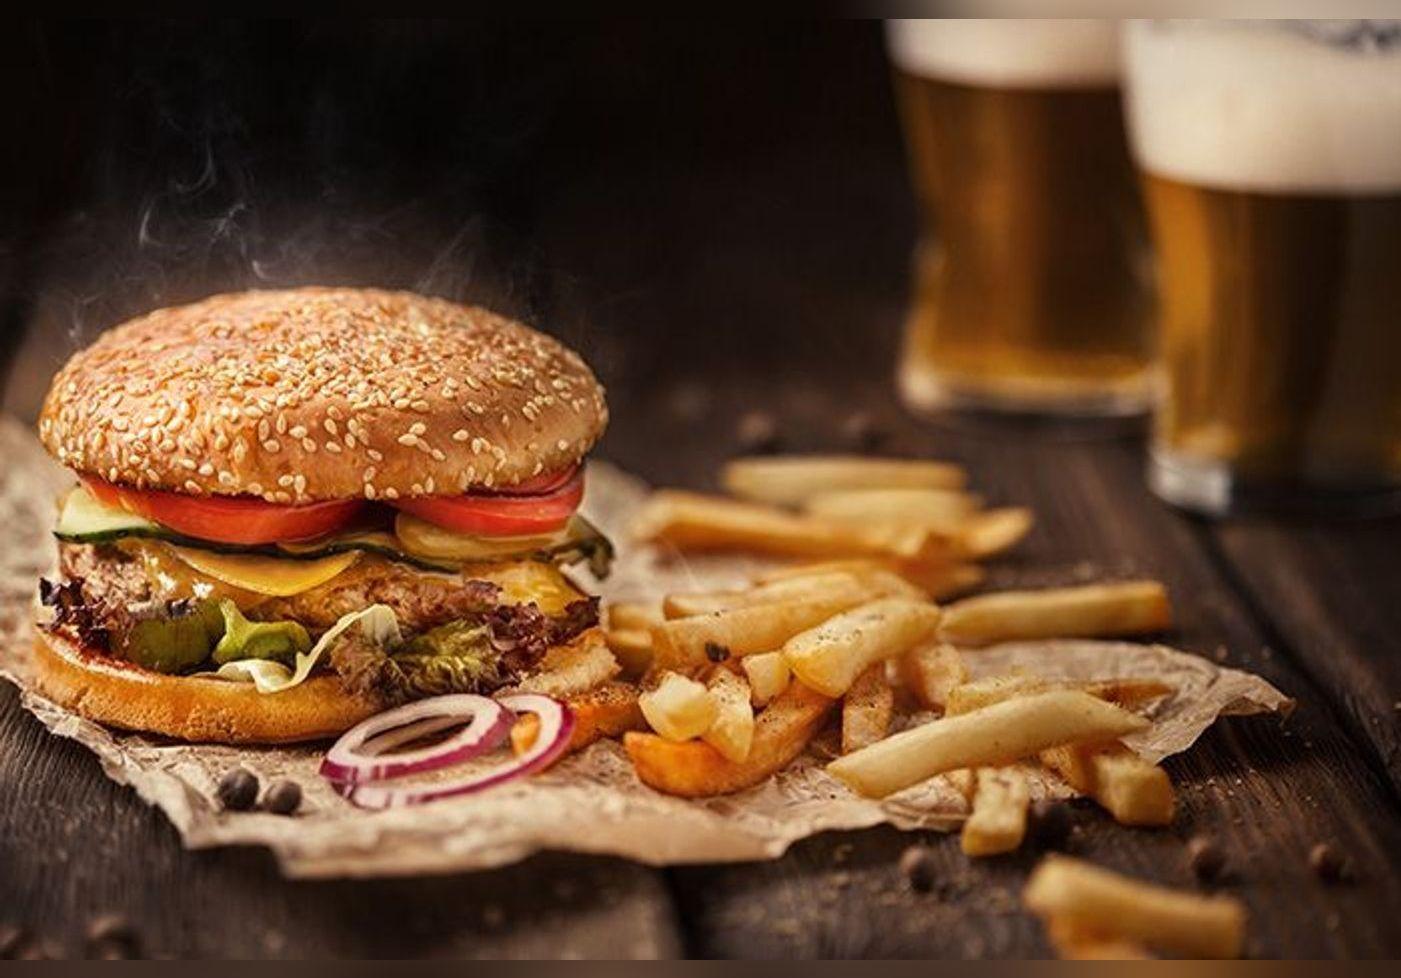 Ketchup, fromage, bière, pizzas, burgers... Et s'ils n'étaient pas si mauvais que ça pour la santé ?